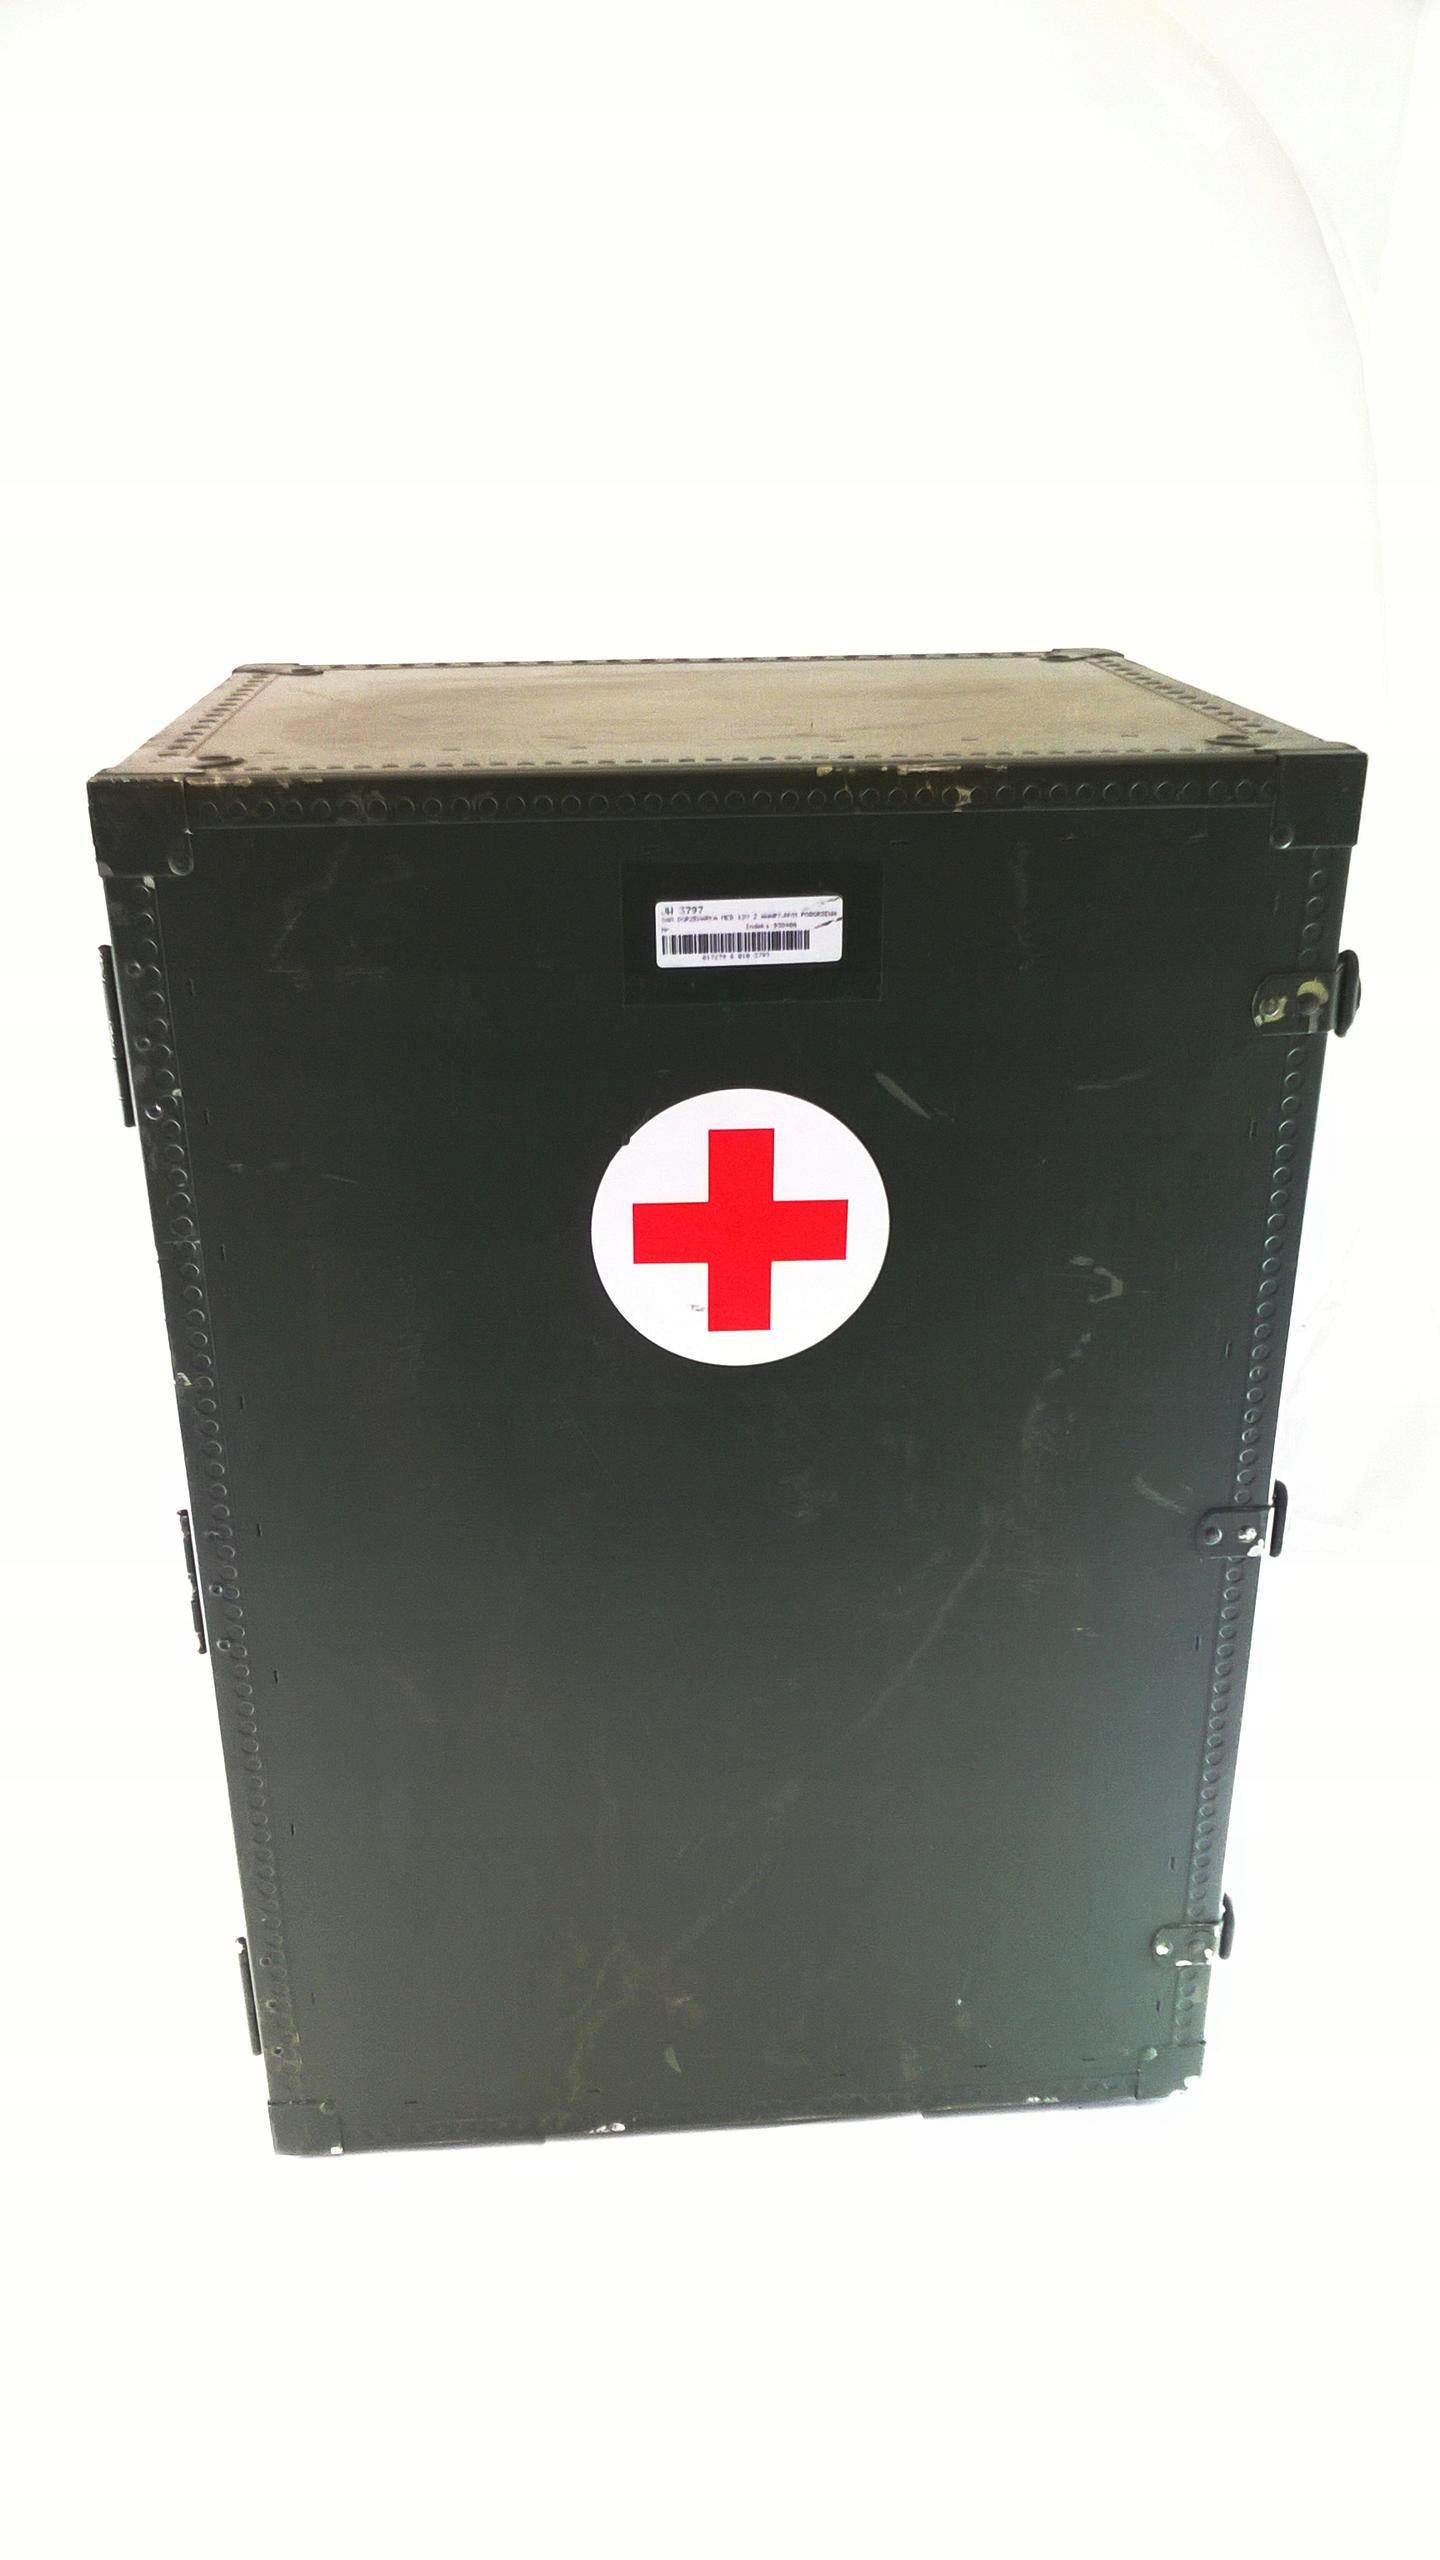 Wojskowy izolowany pojemnik transportowy 12V/24V